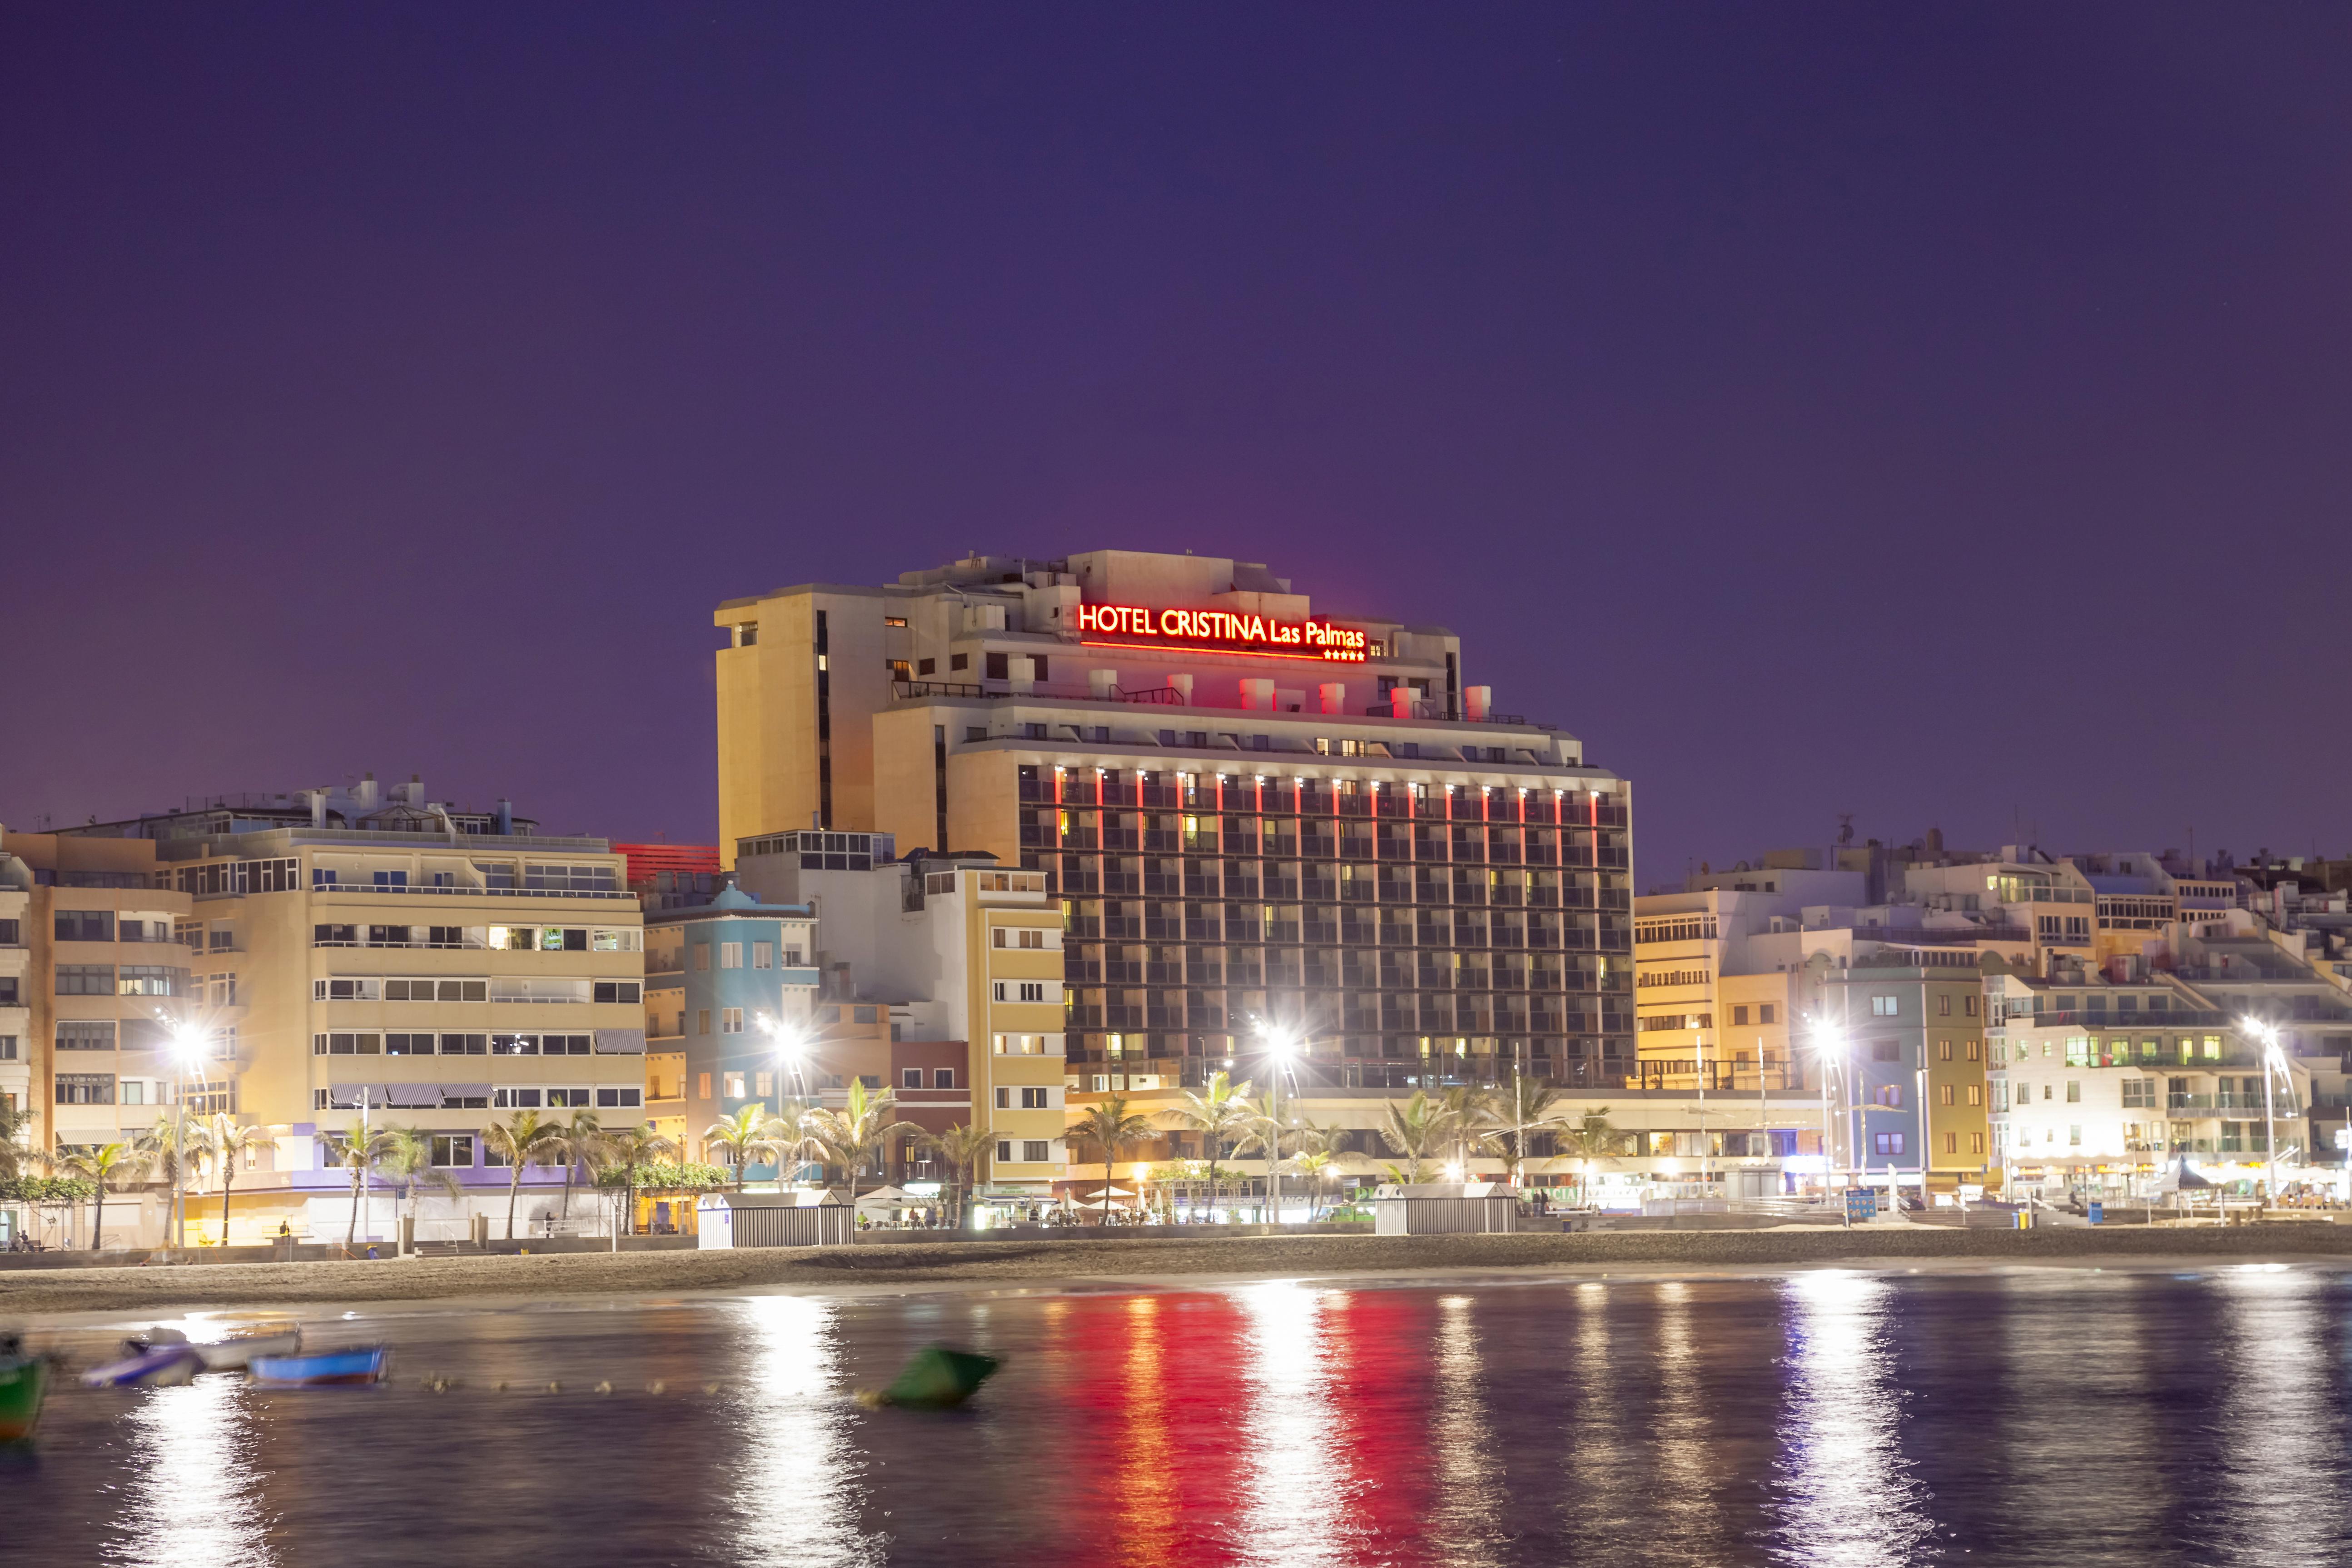 Hoteles 5 estrellas en las palmas de gran canaria espa a for Listado hoteles 5 estrellas madrid